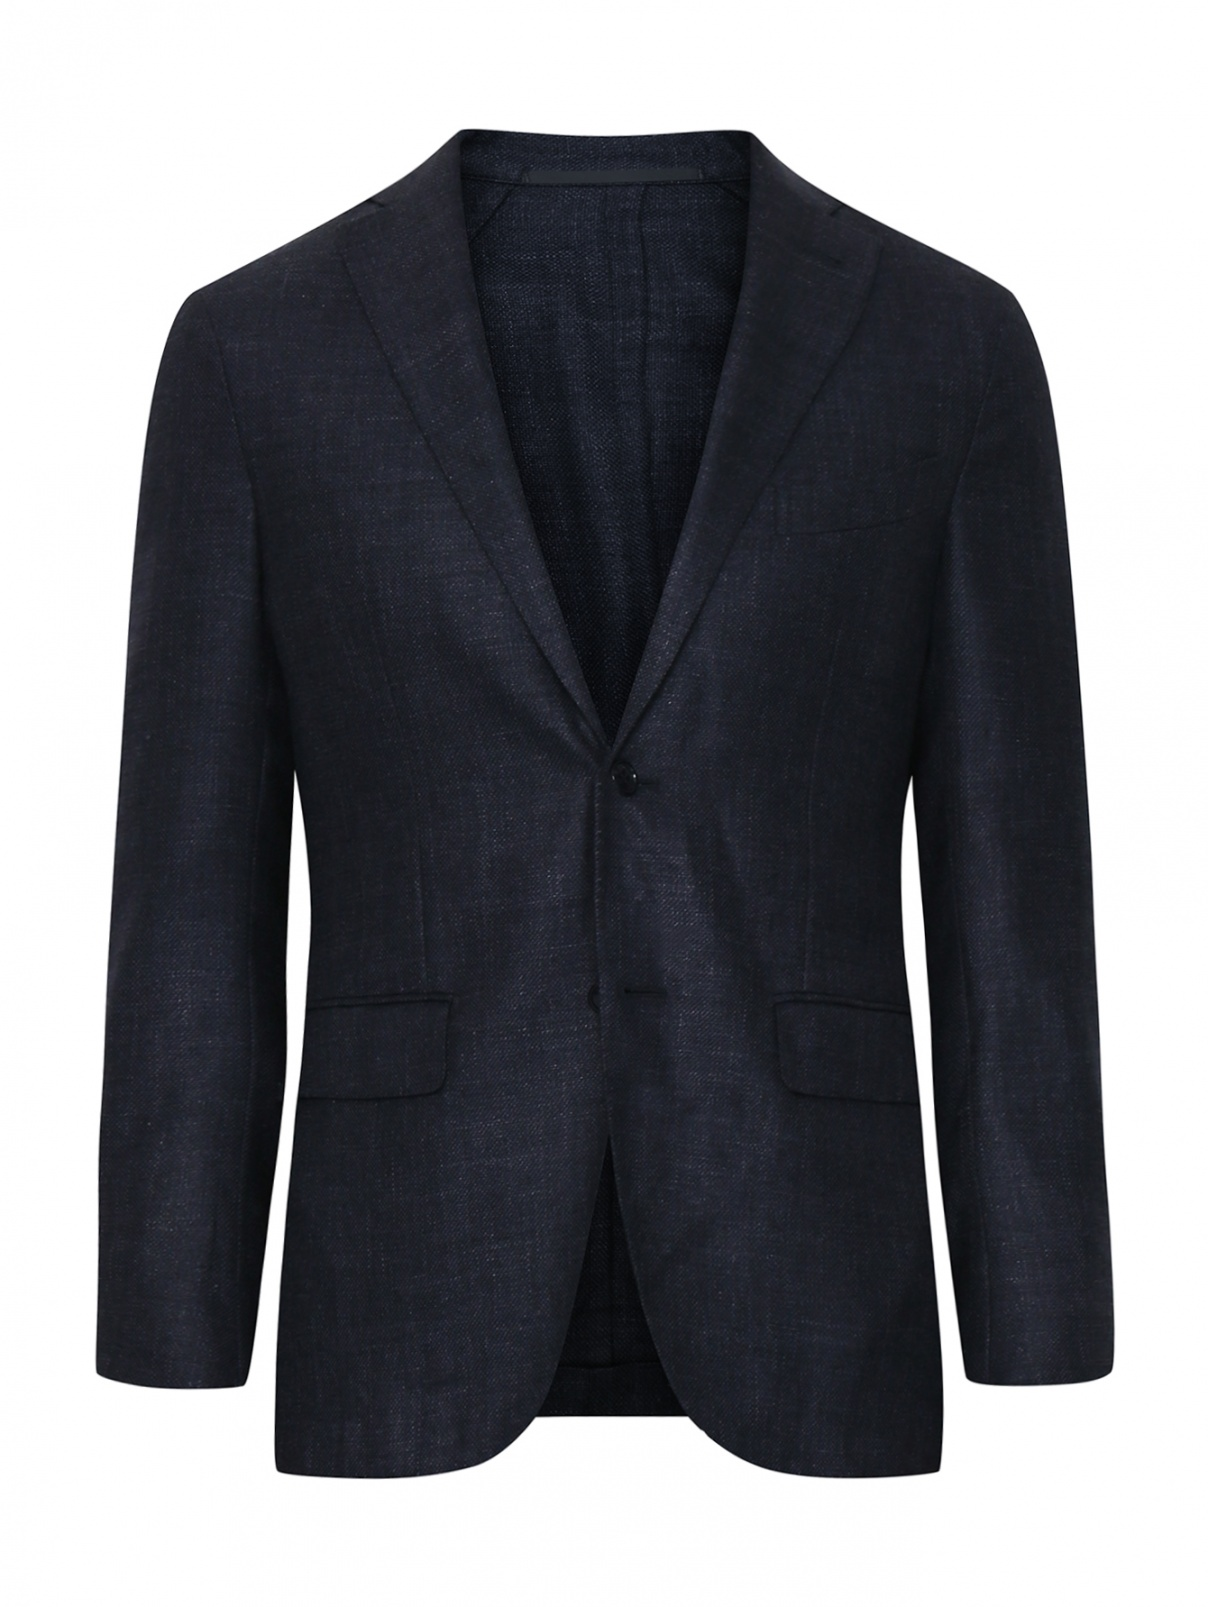 Пиджак из шерсти и льна Pal Zileri  –  Общий вид